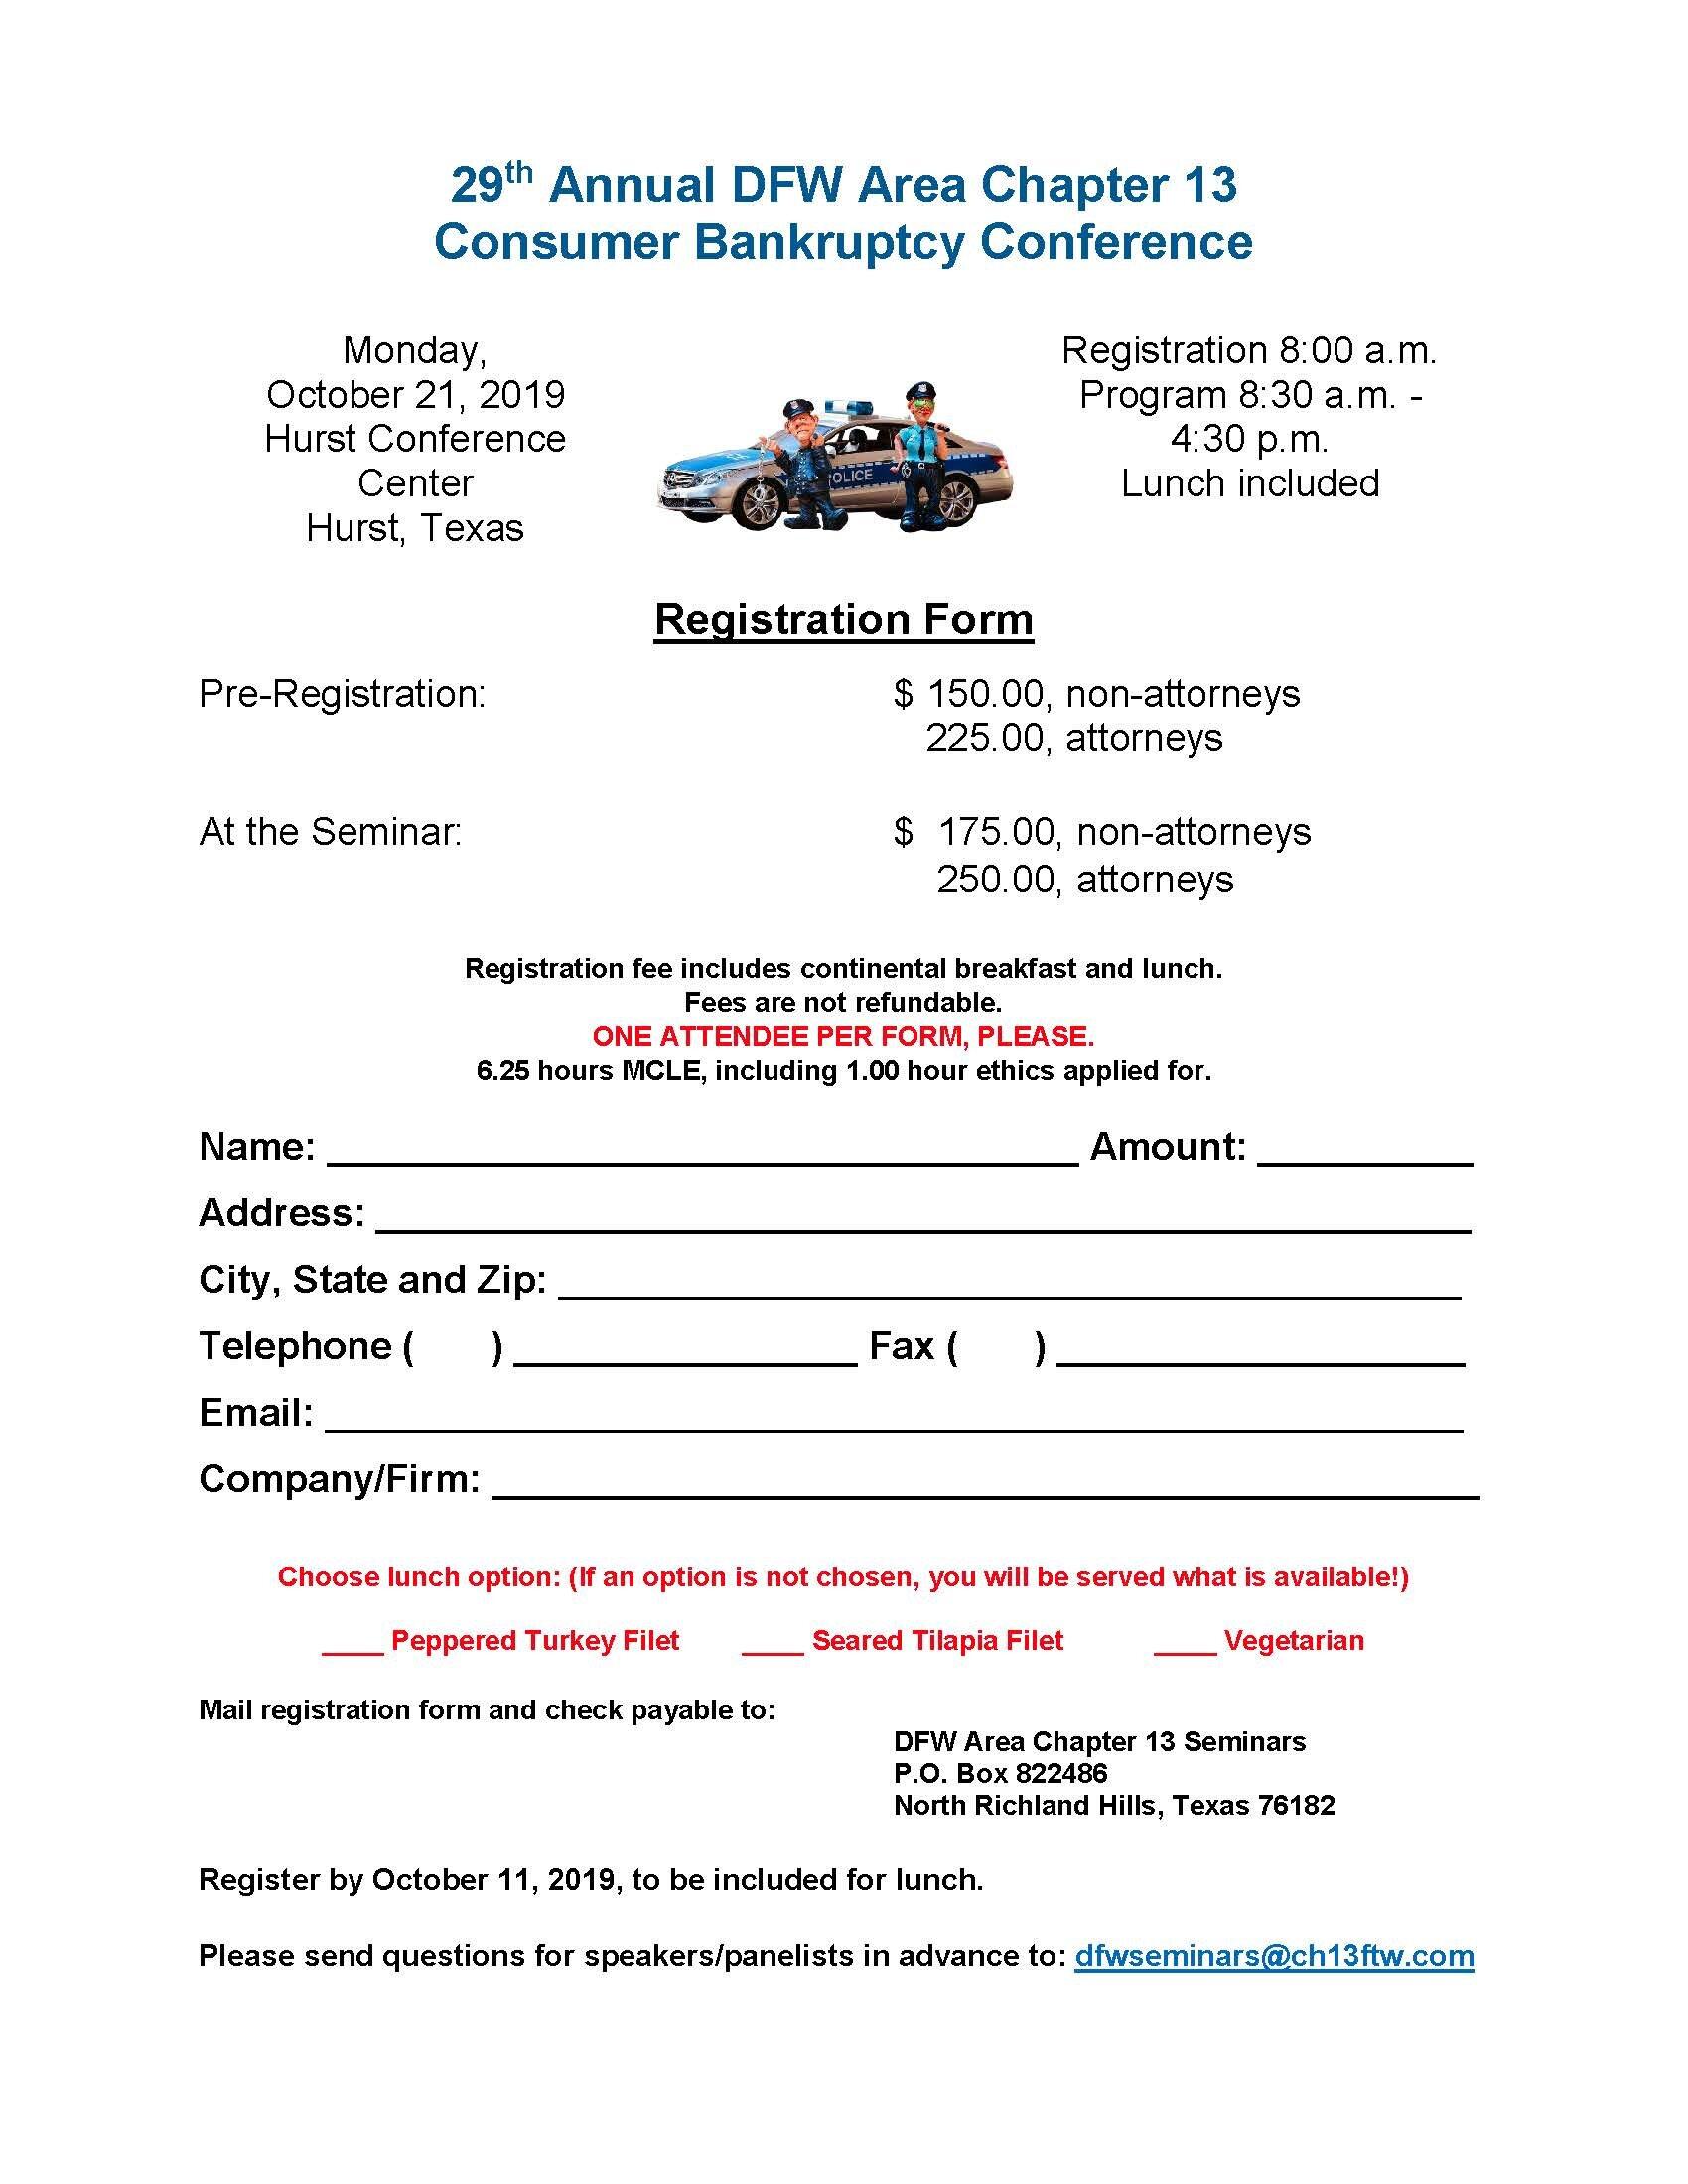 Registration Form  for 2019 Seminar.jpg